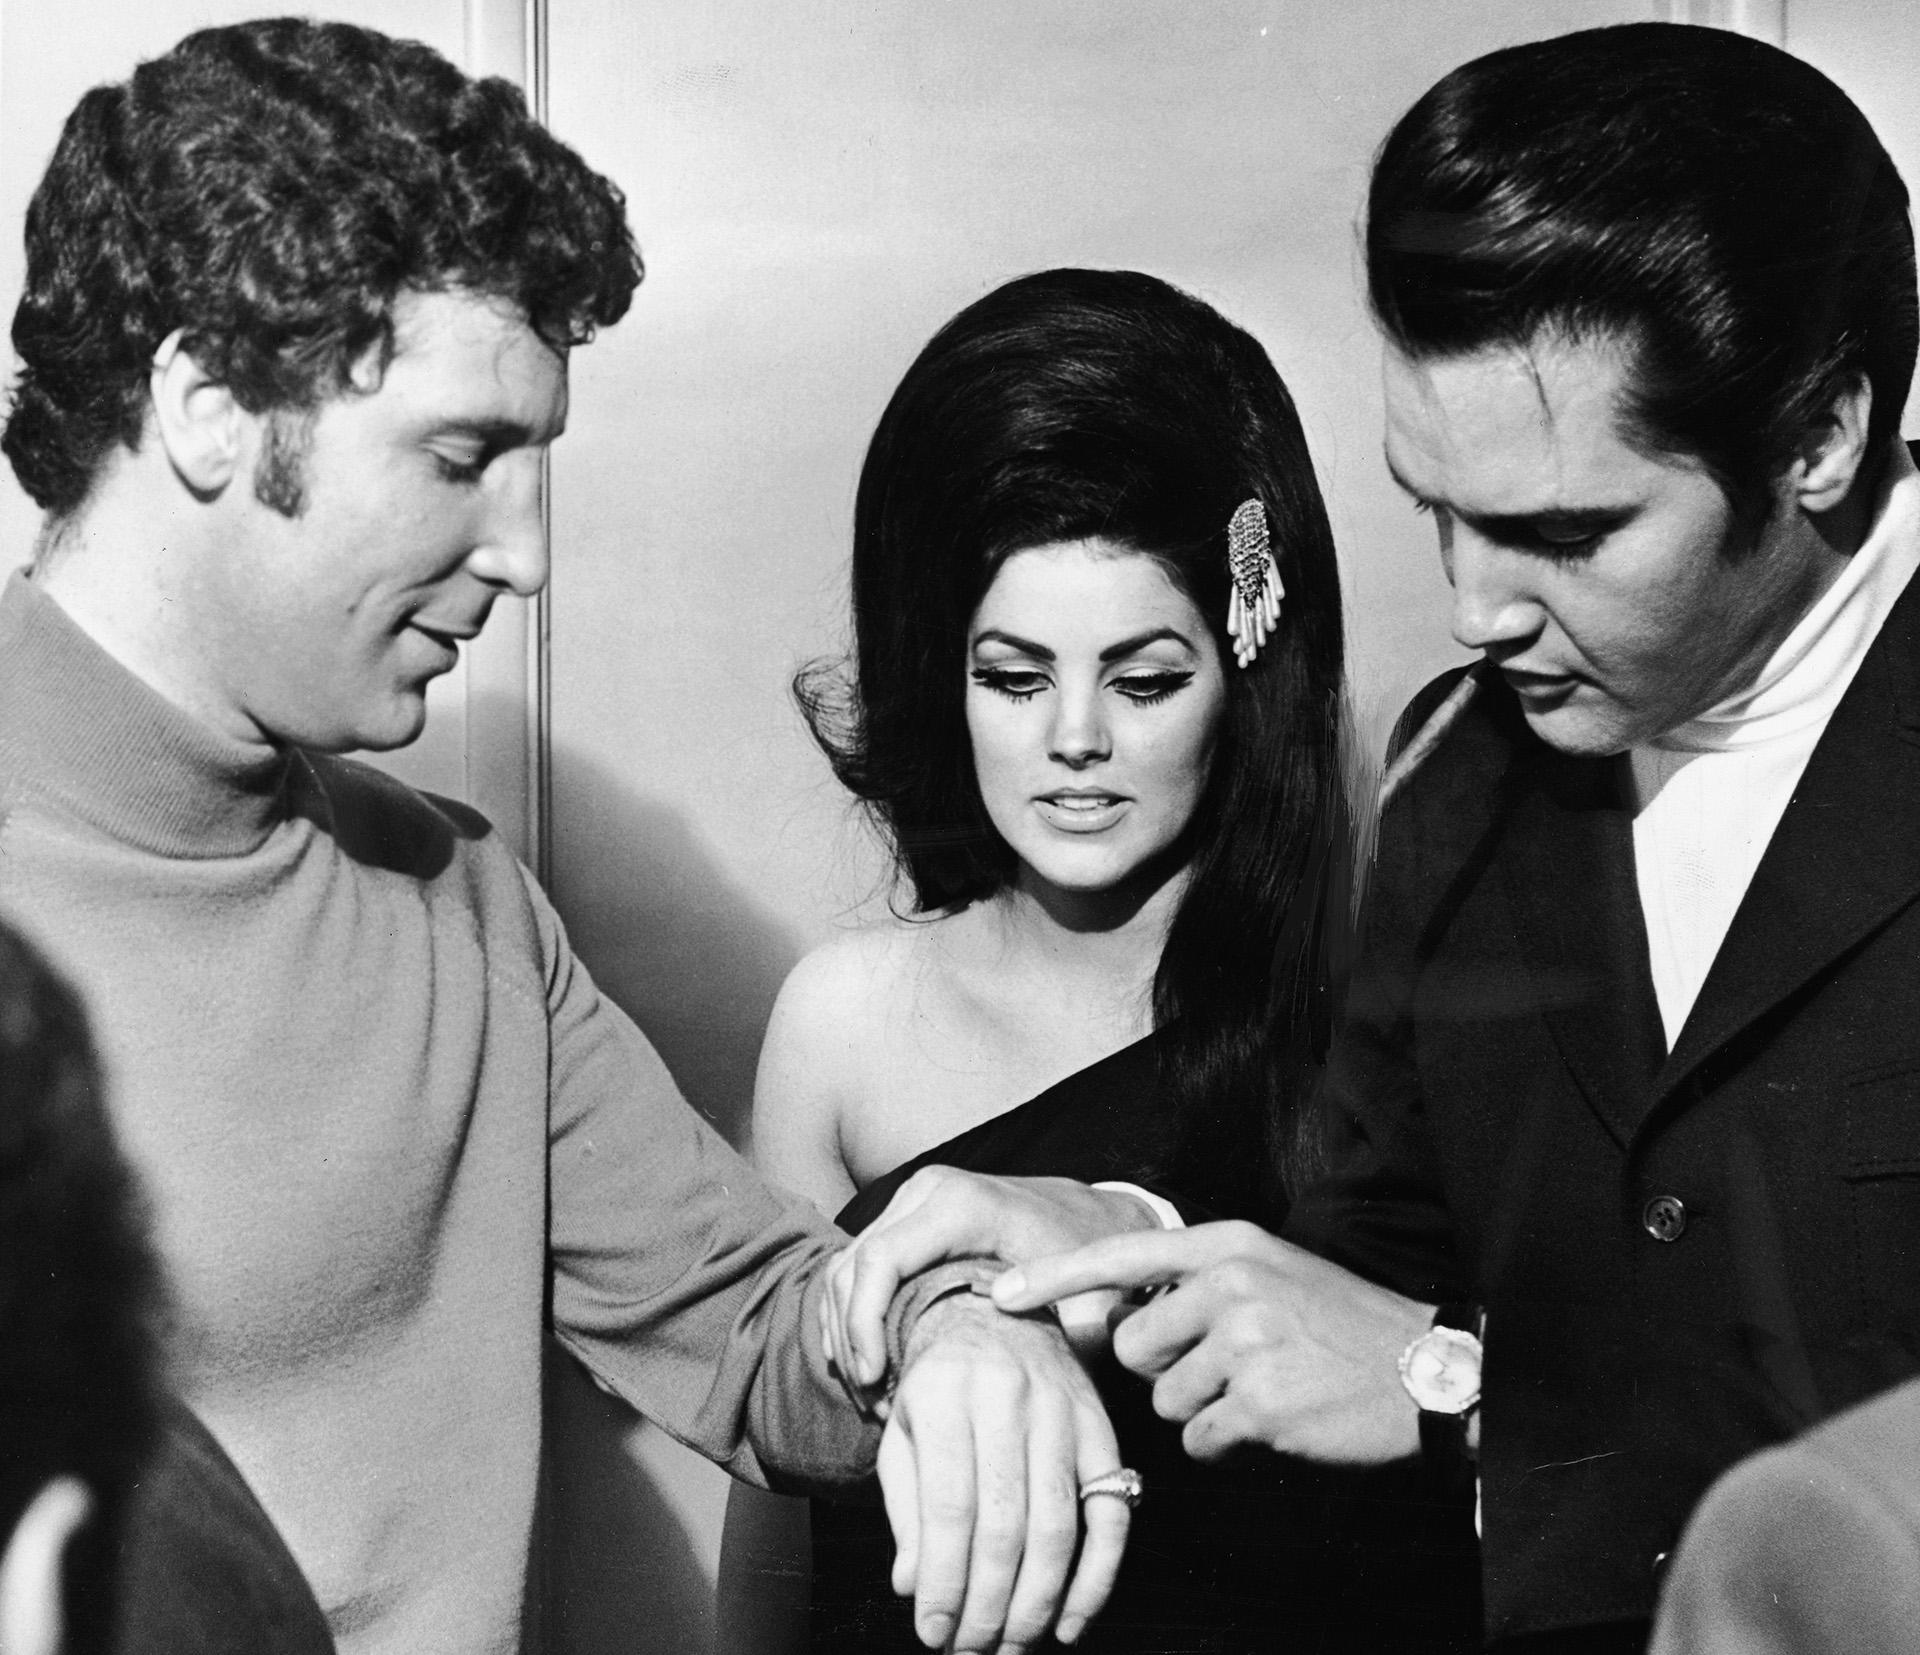 Em 1 de junho de 1971, com o cantor britânico Tom Jones em Las Vegas (Foto: Hulton Archive / Getty Images)